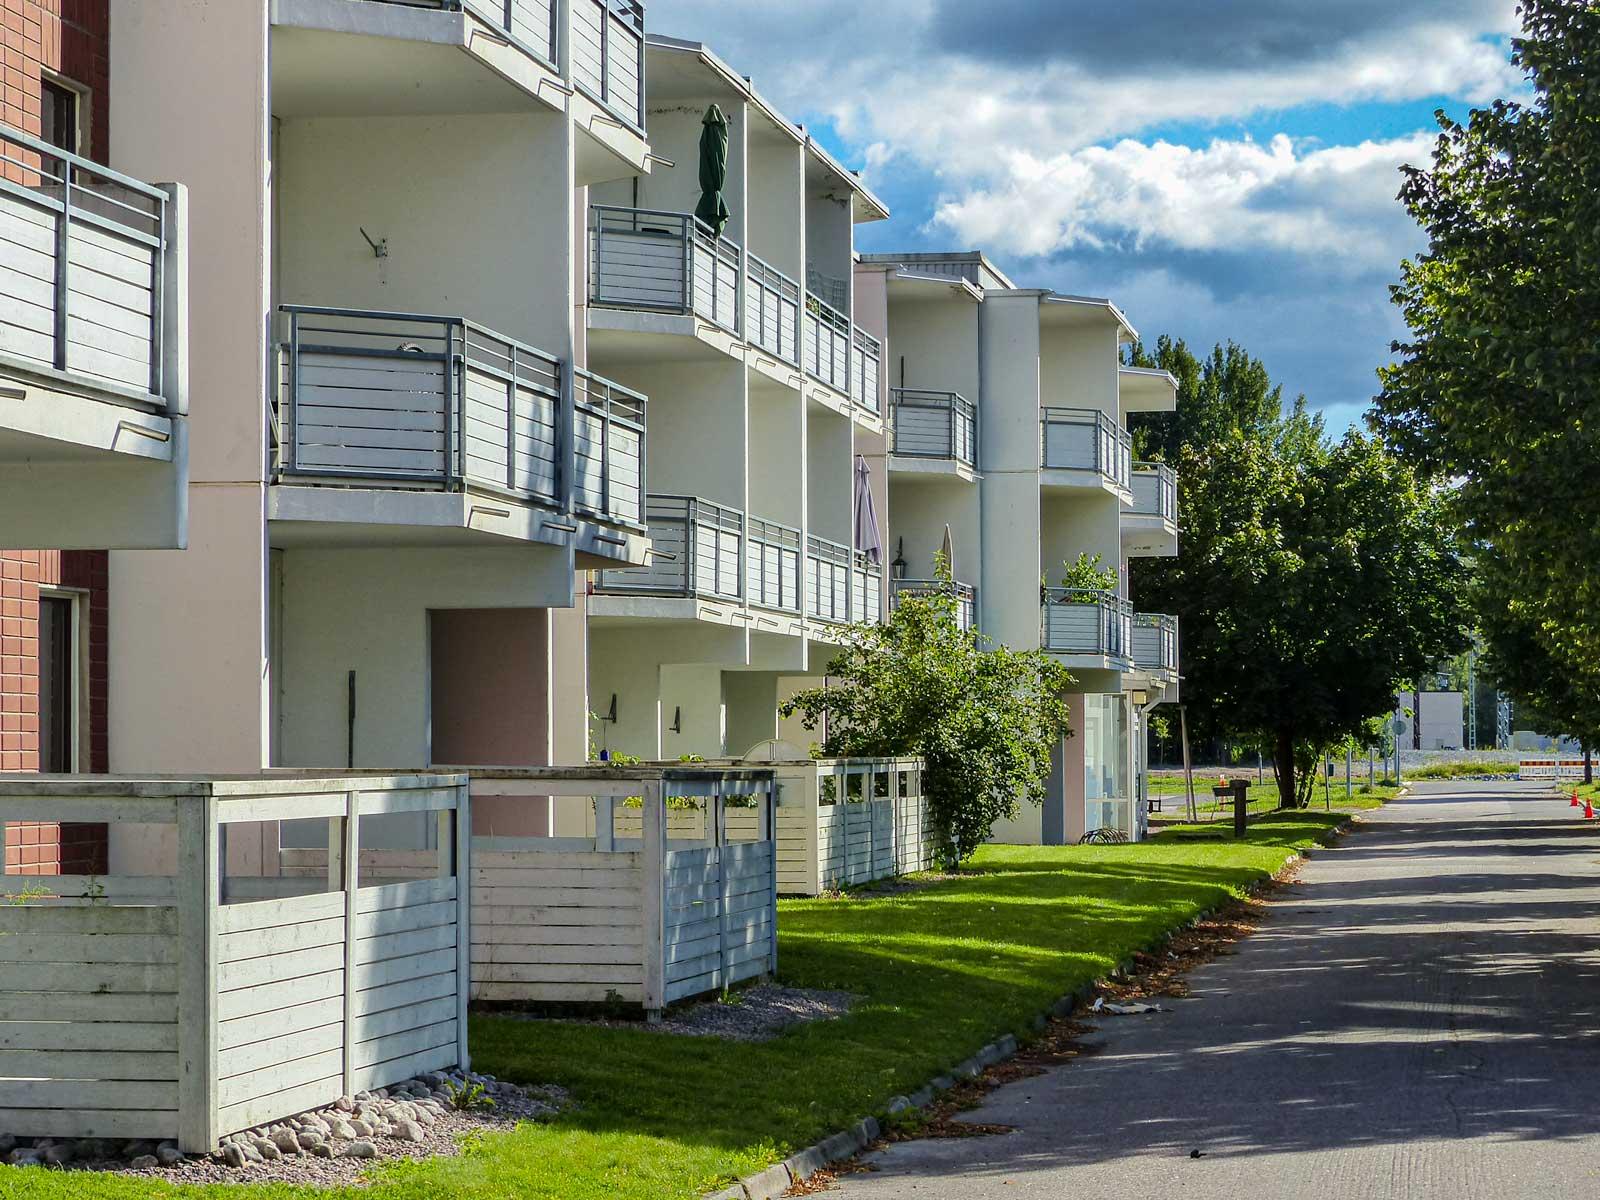 Linnunradankatu 5-7, Riihimäki